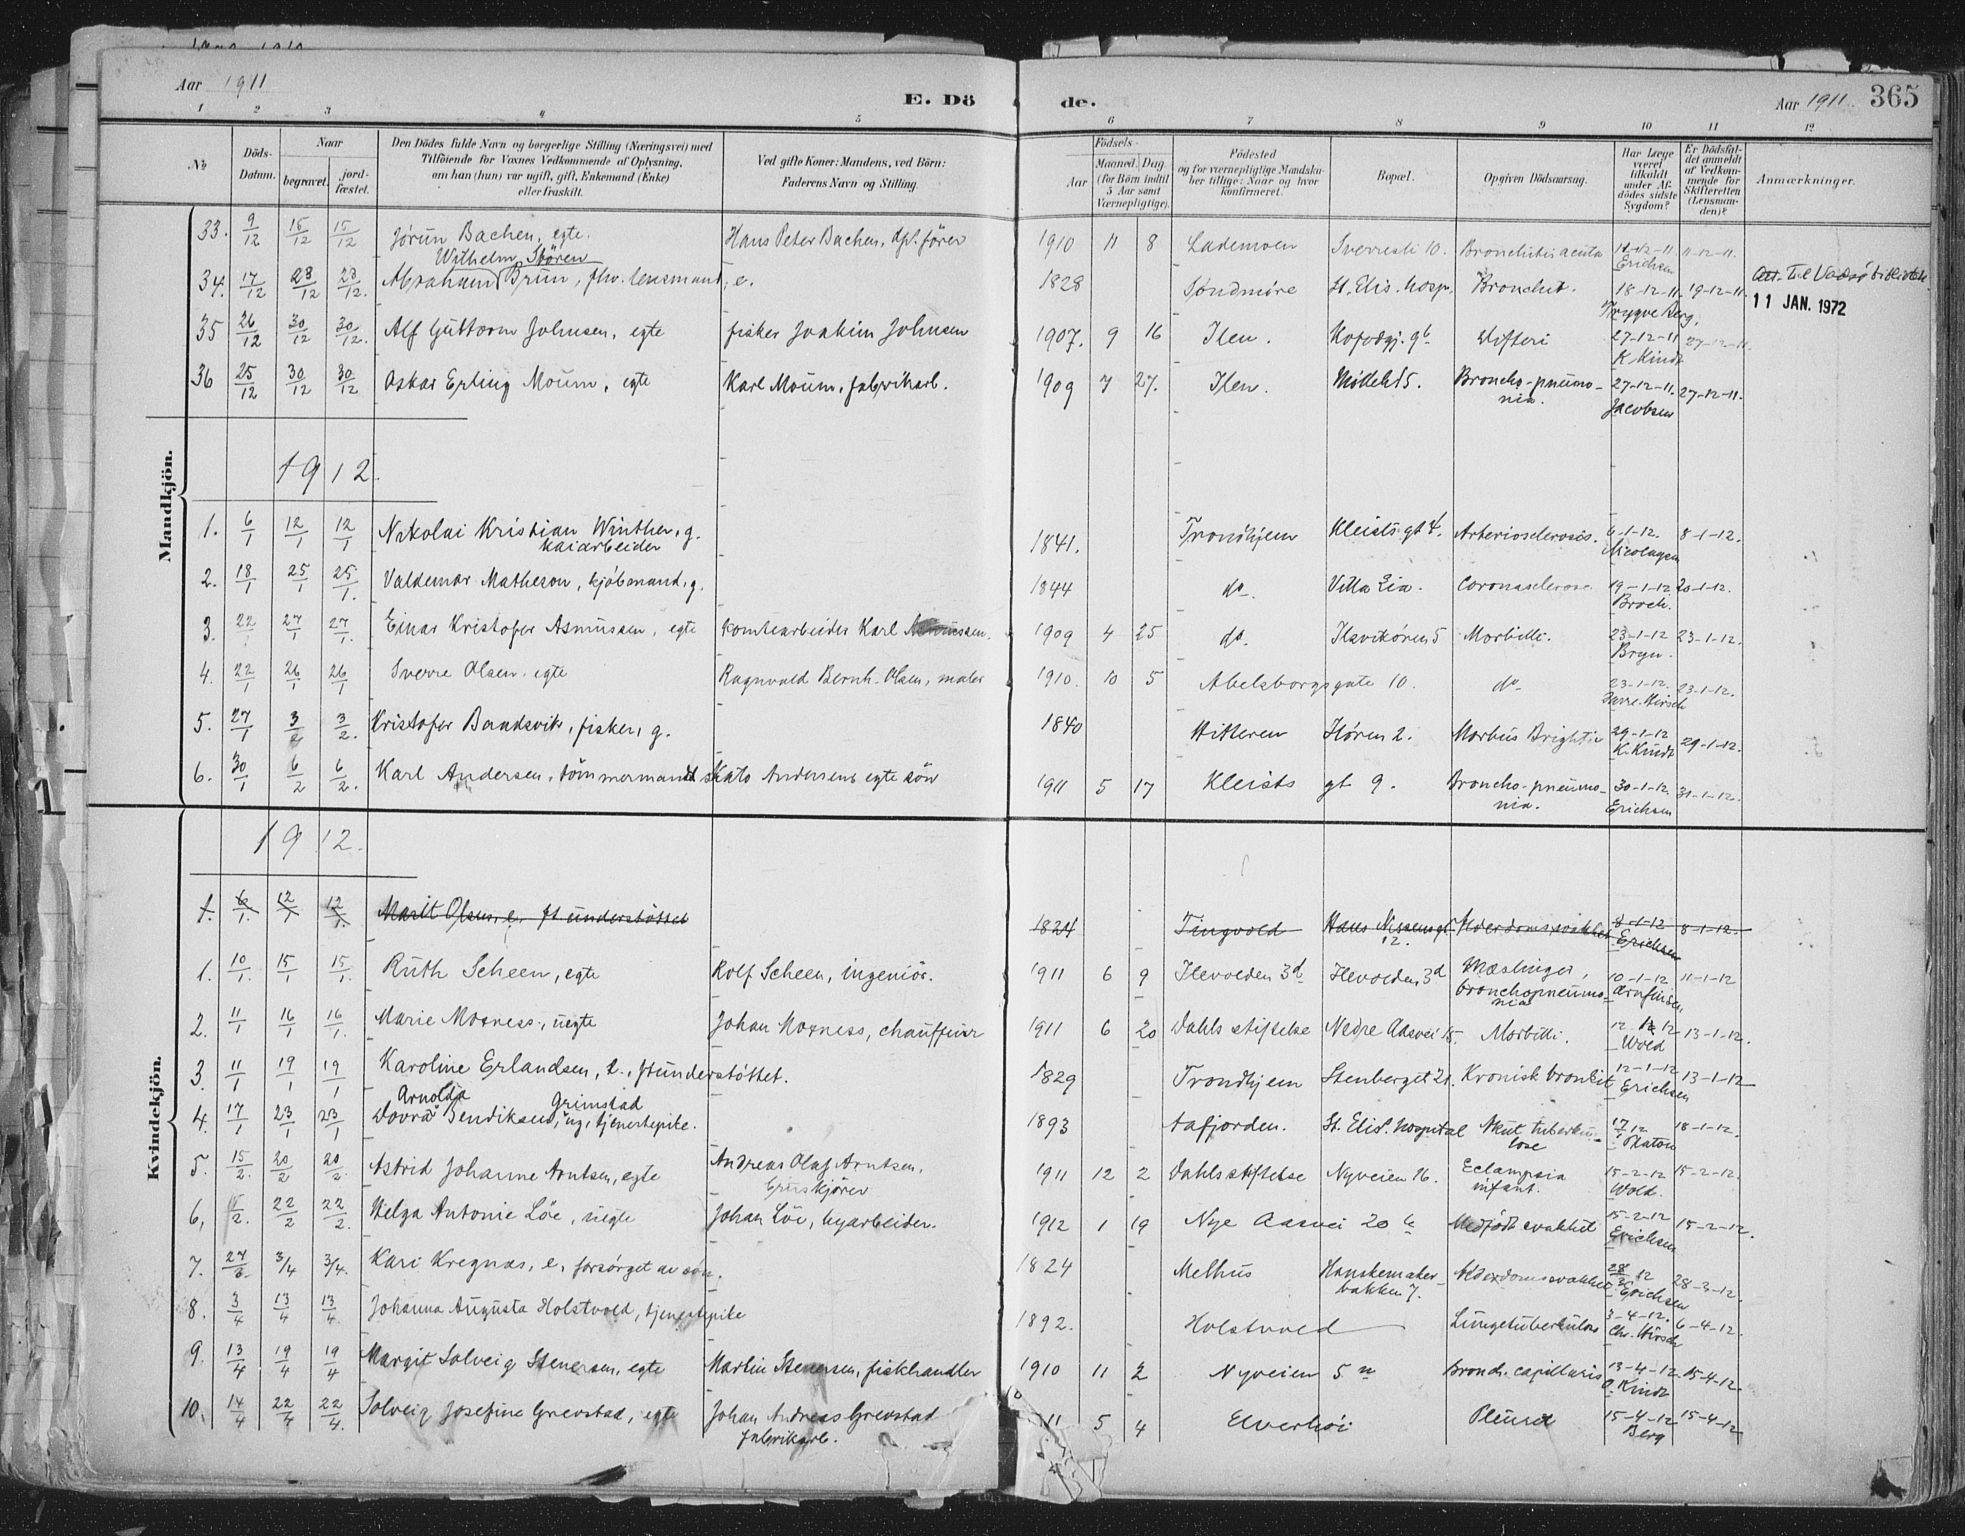 SAT, Ministerialprotokoller, klokkerbøker og fødselsregistre - Sør-Trøndelag, 603/L0167: Ministerialbok nr. 603A06, 1896-1932, s. 365